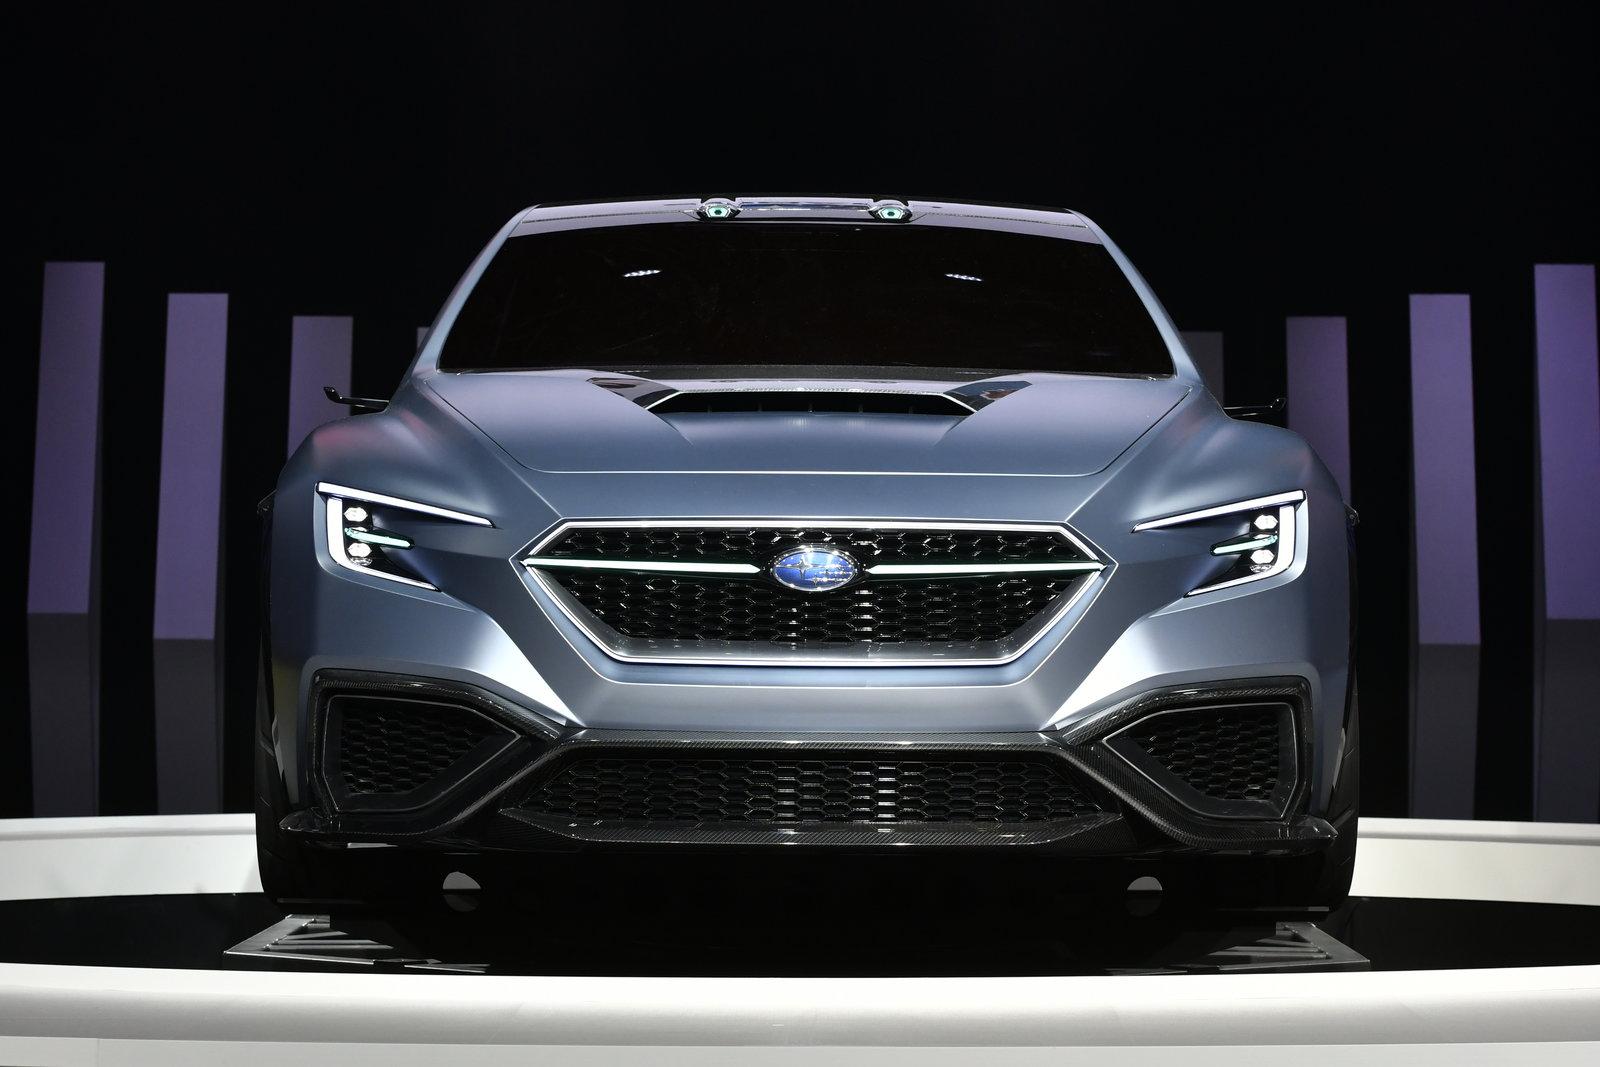 2019 Subaru WRX: Redesign Info, Release Date